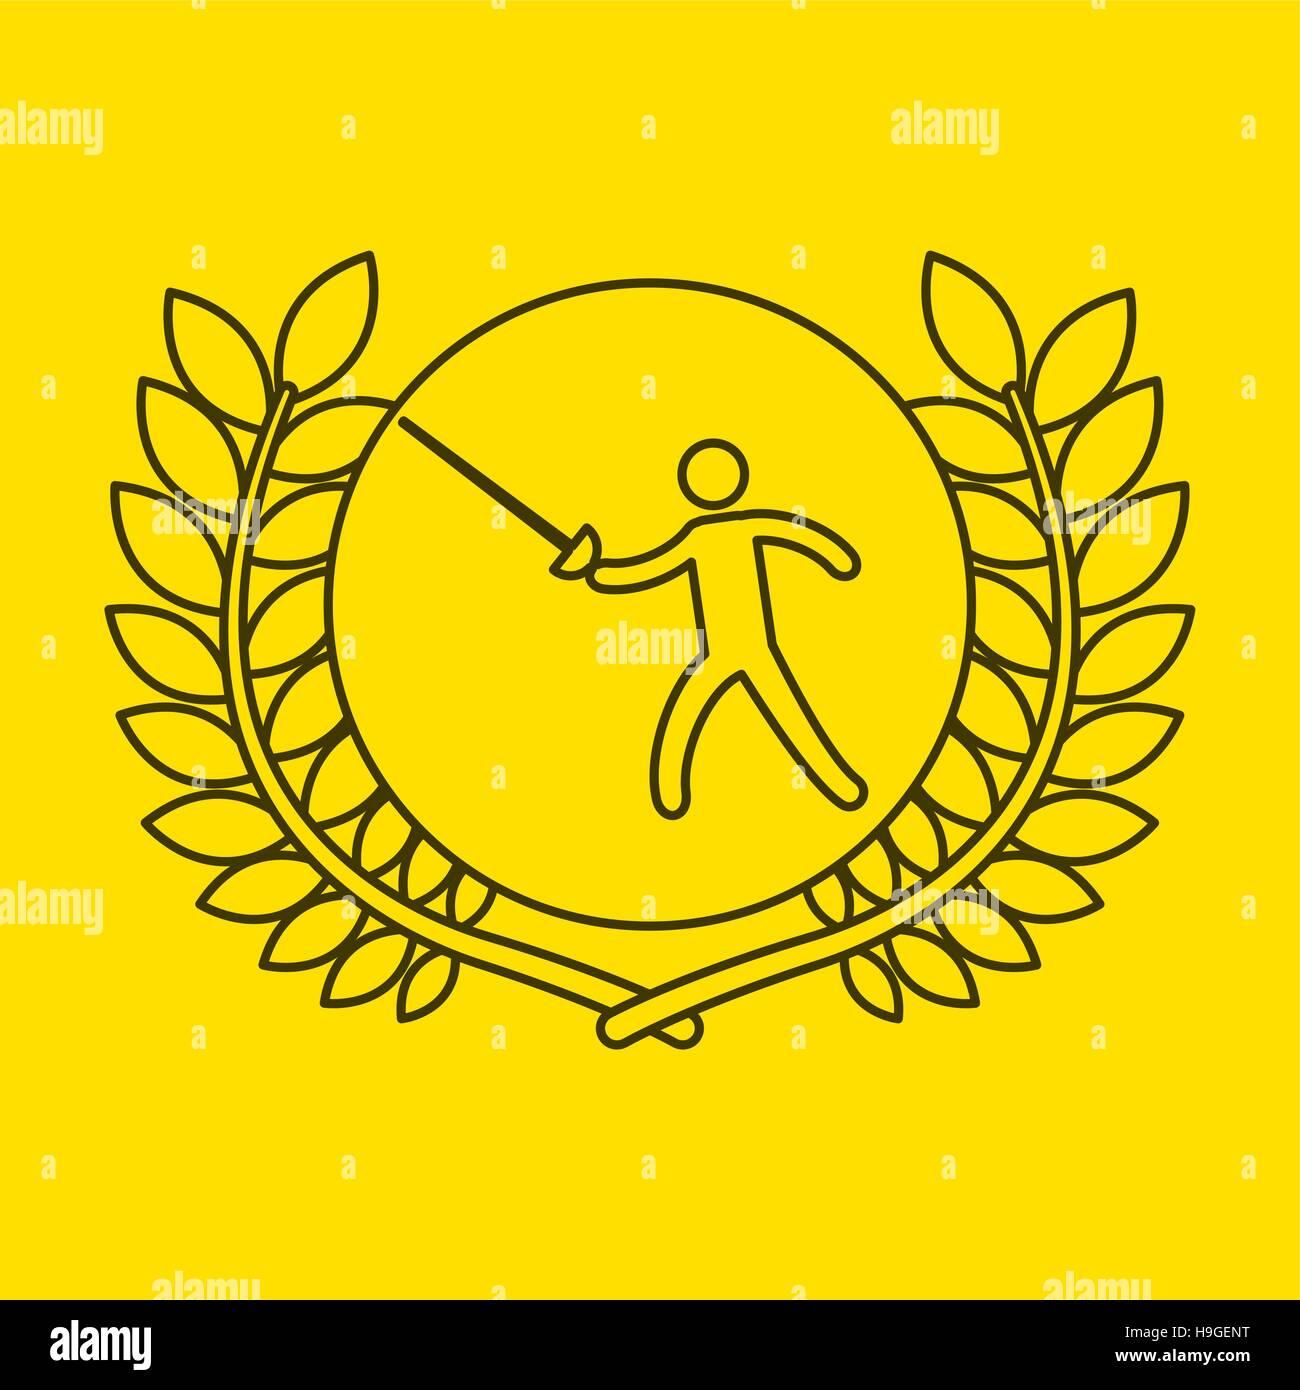 fencing sportsman flag background design vector illustration eps 10 - Stock Image